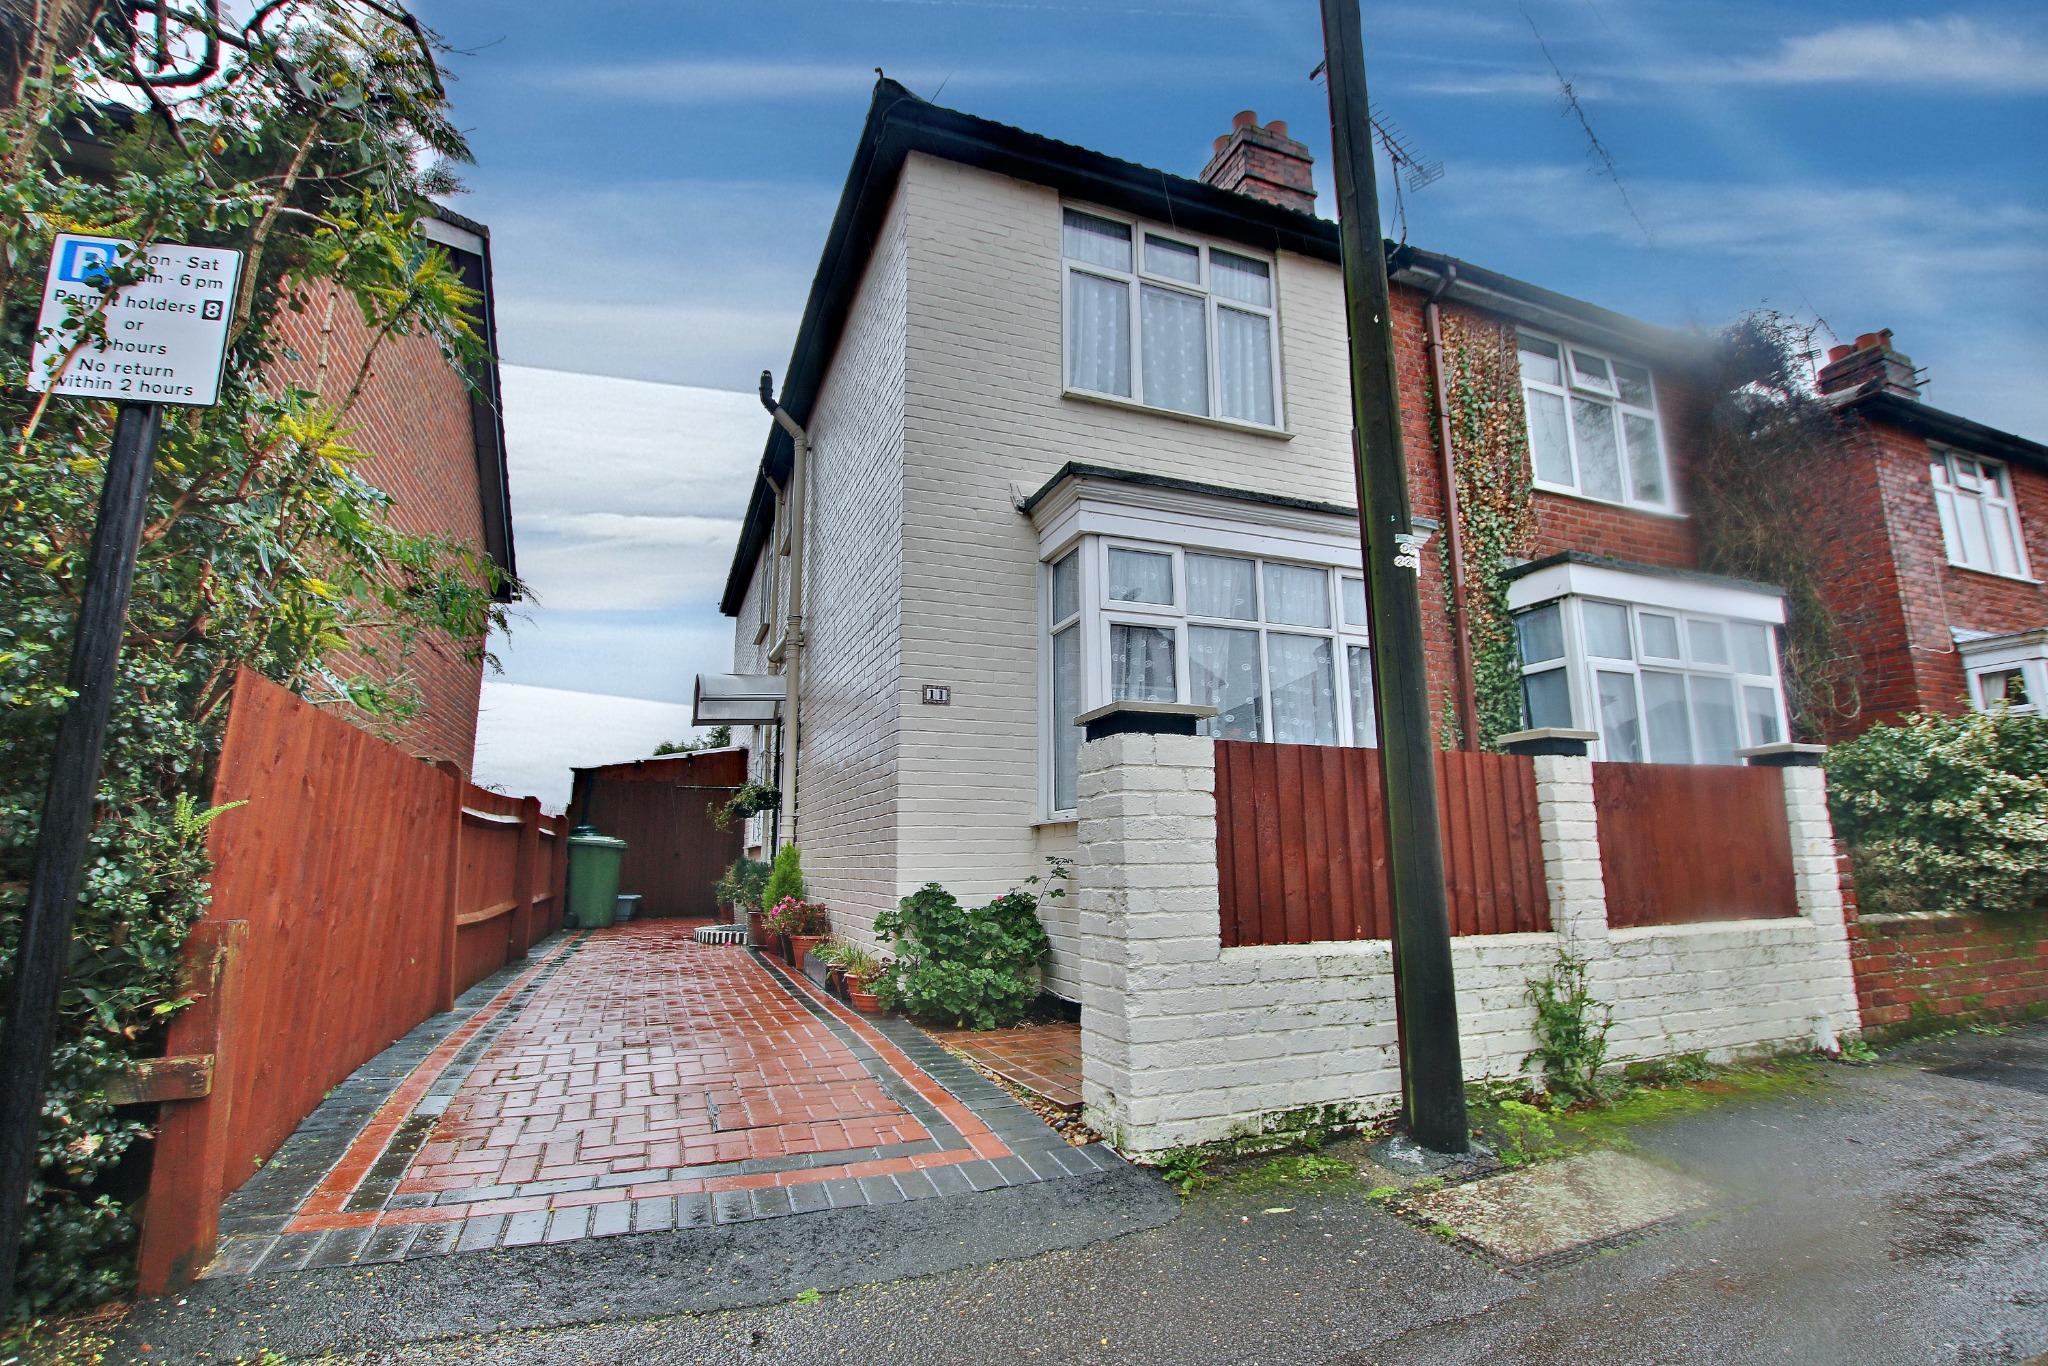 Almond Road, Freemantle, Southampton